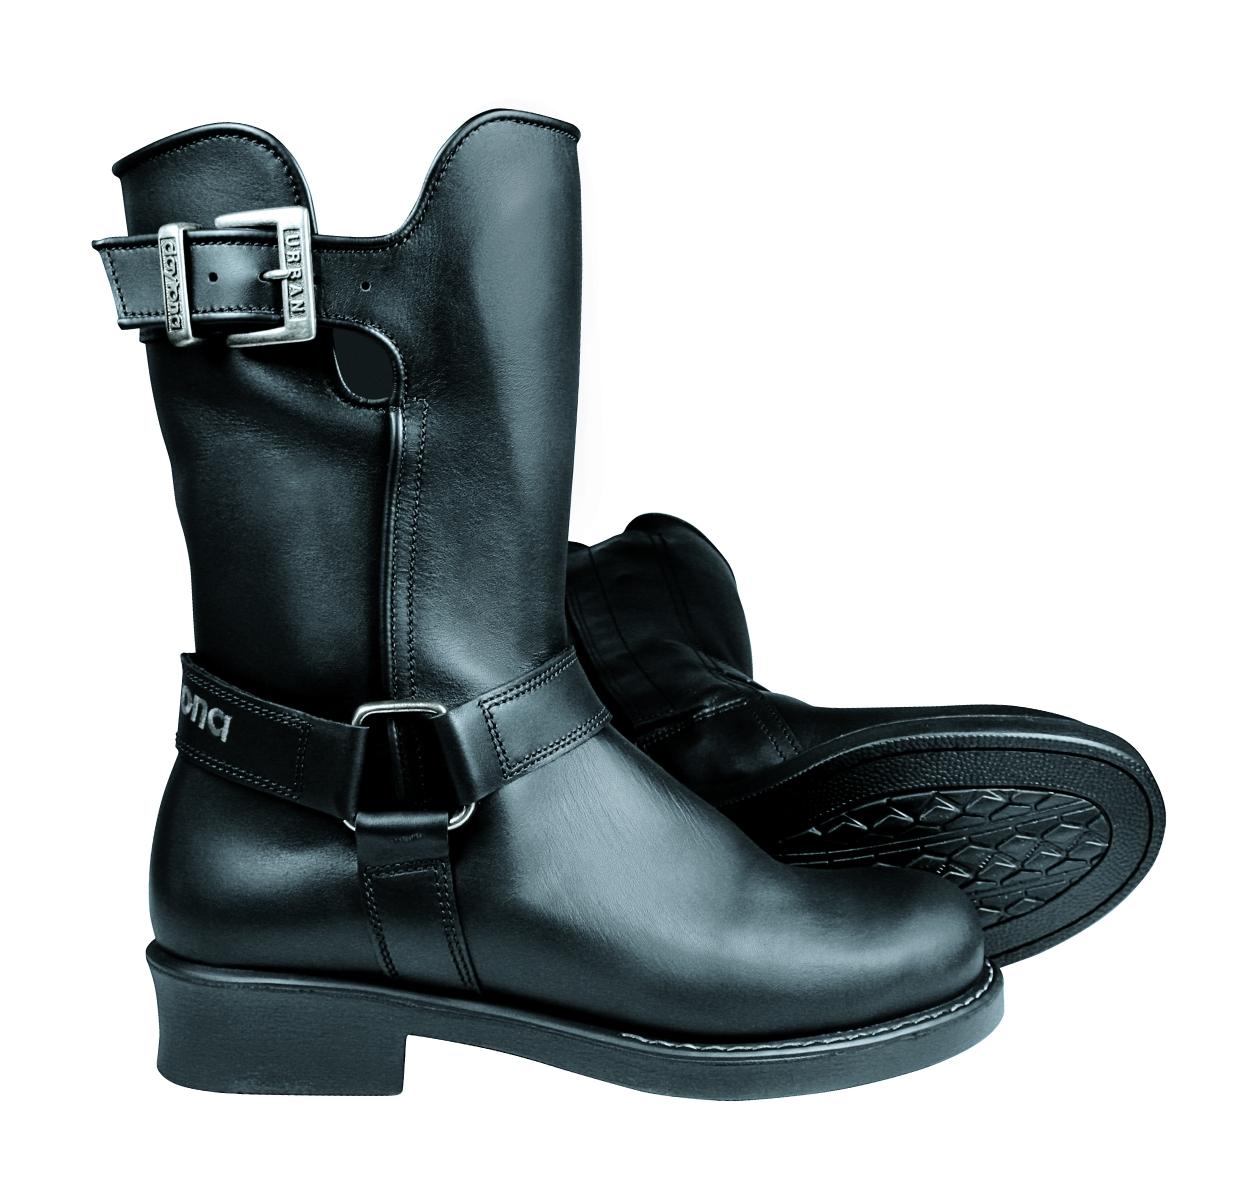 Urban Master 2 GTX - fekete - Goretex-es csizmák - Daytona csizmák ... fb13026385